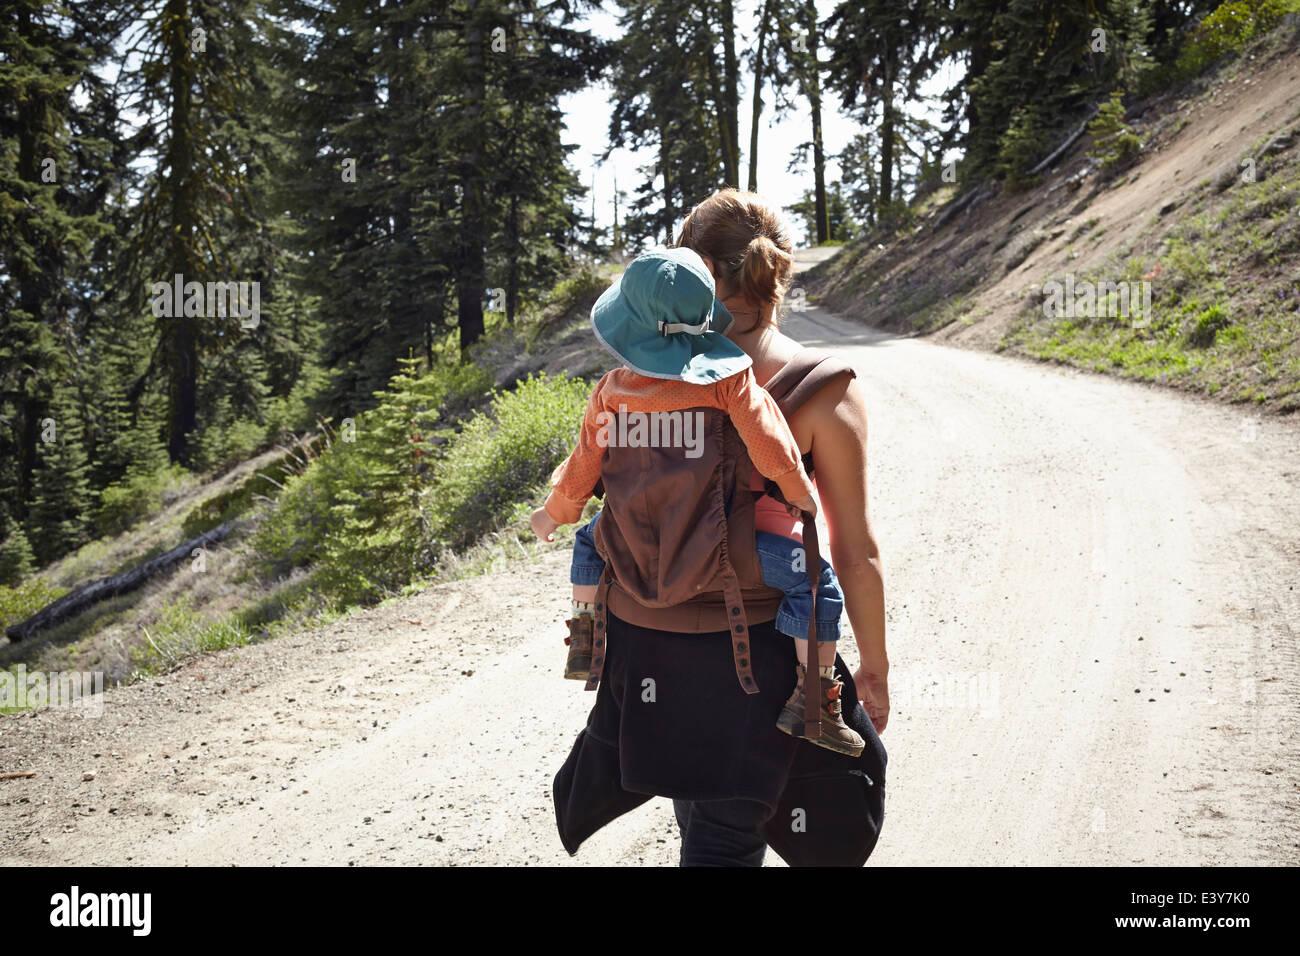 Vista traseira da mãe que transporta criança no transportador do bebé Imagens de Stock